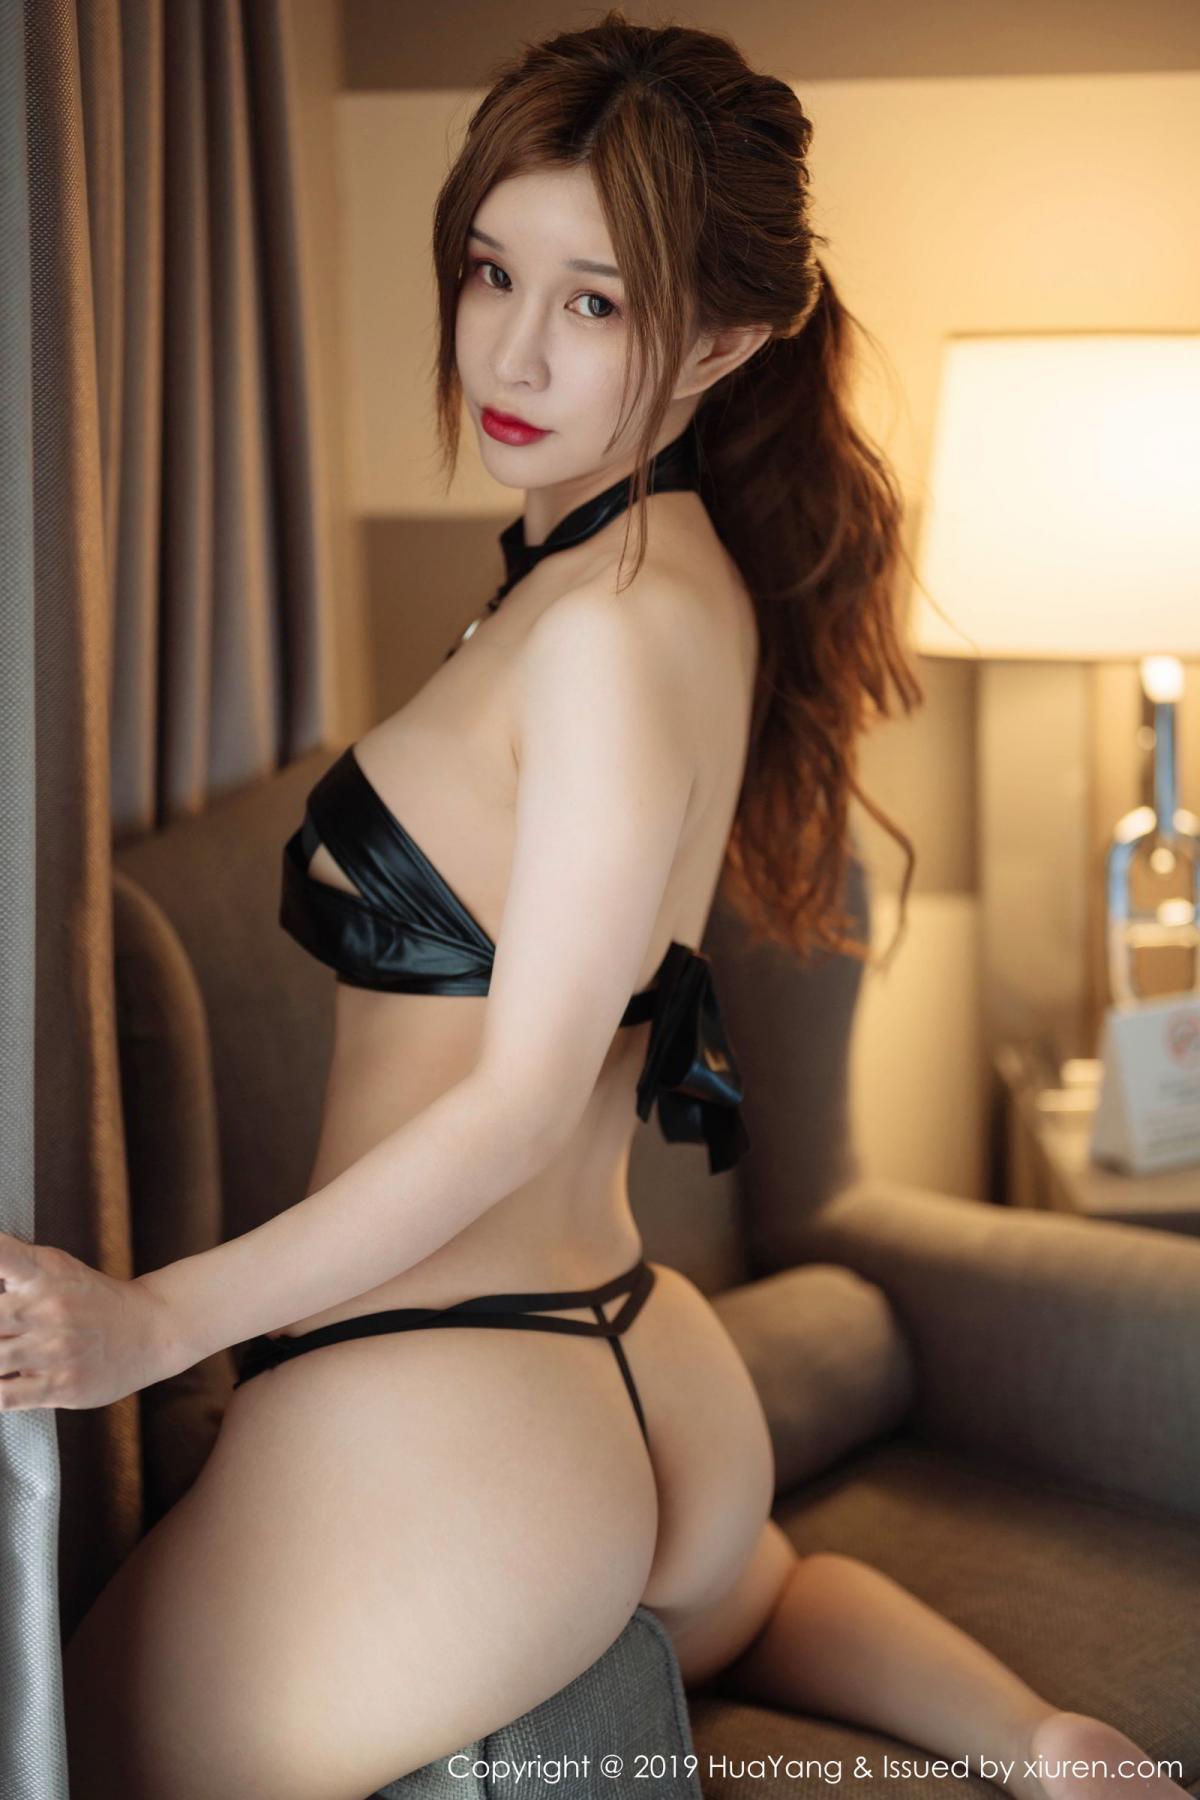 [Huayang] Vol.151 Chun Xiao Xi 8P, Chun Xiao Xi, HuaYang